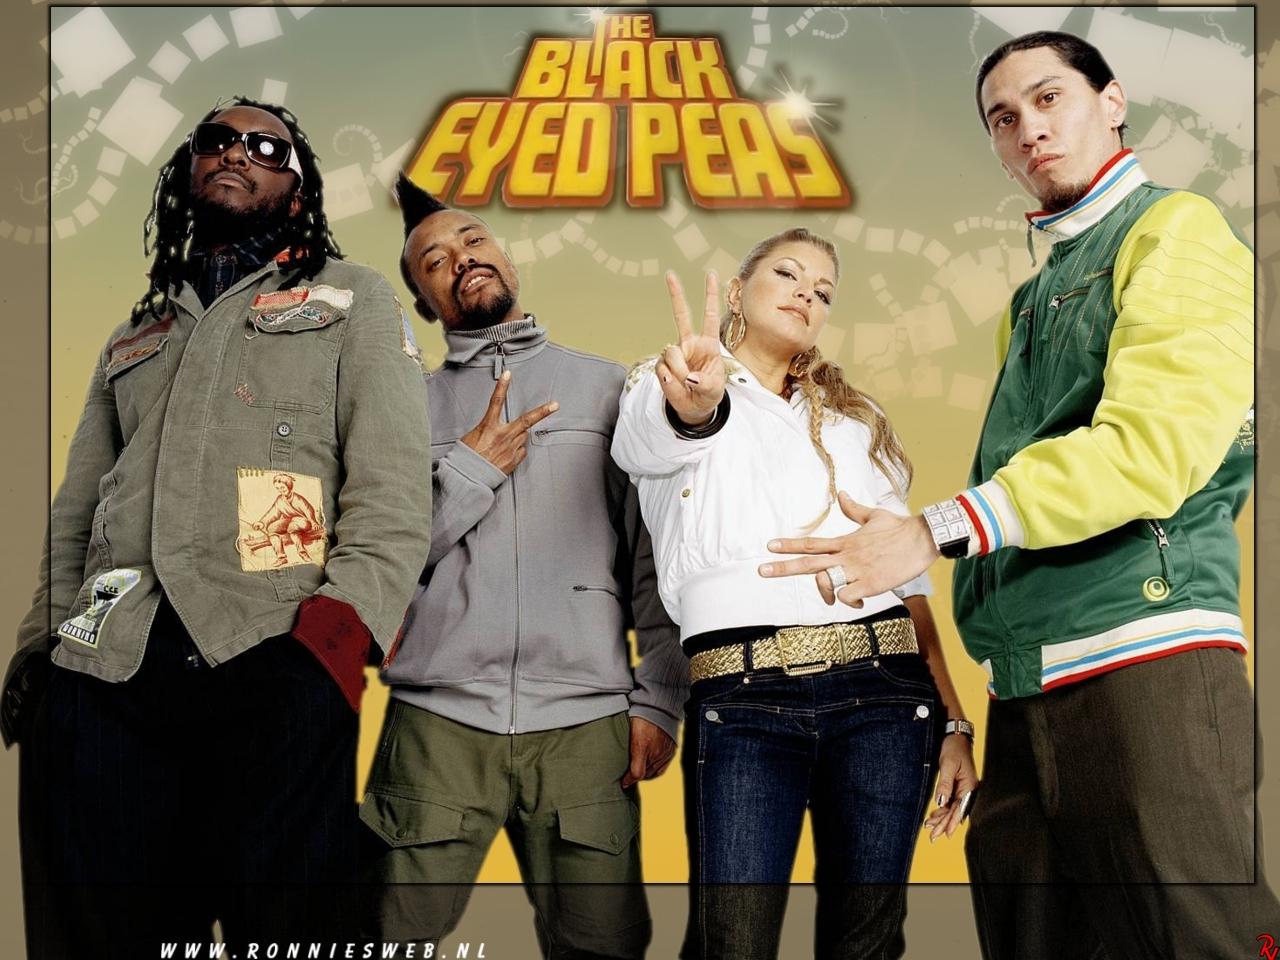 Black Eyed Peasって誰??